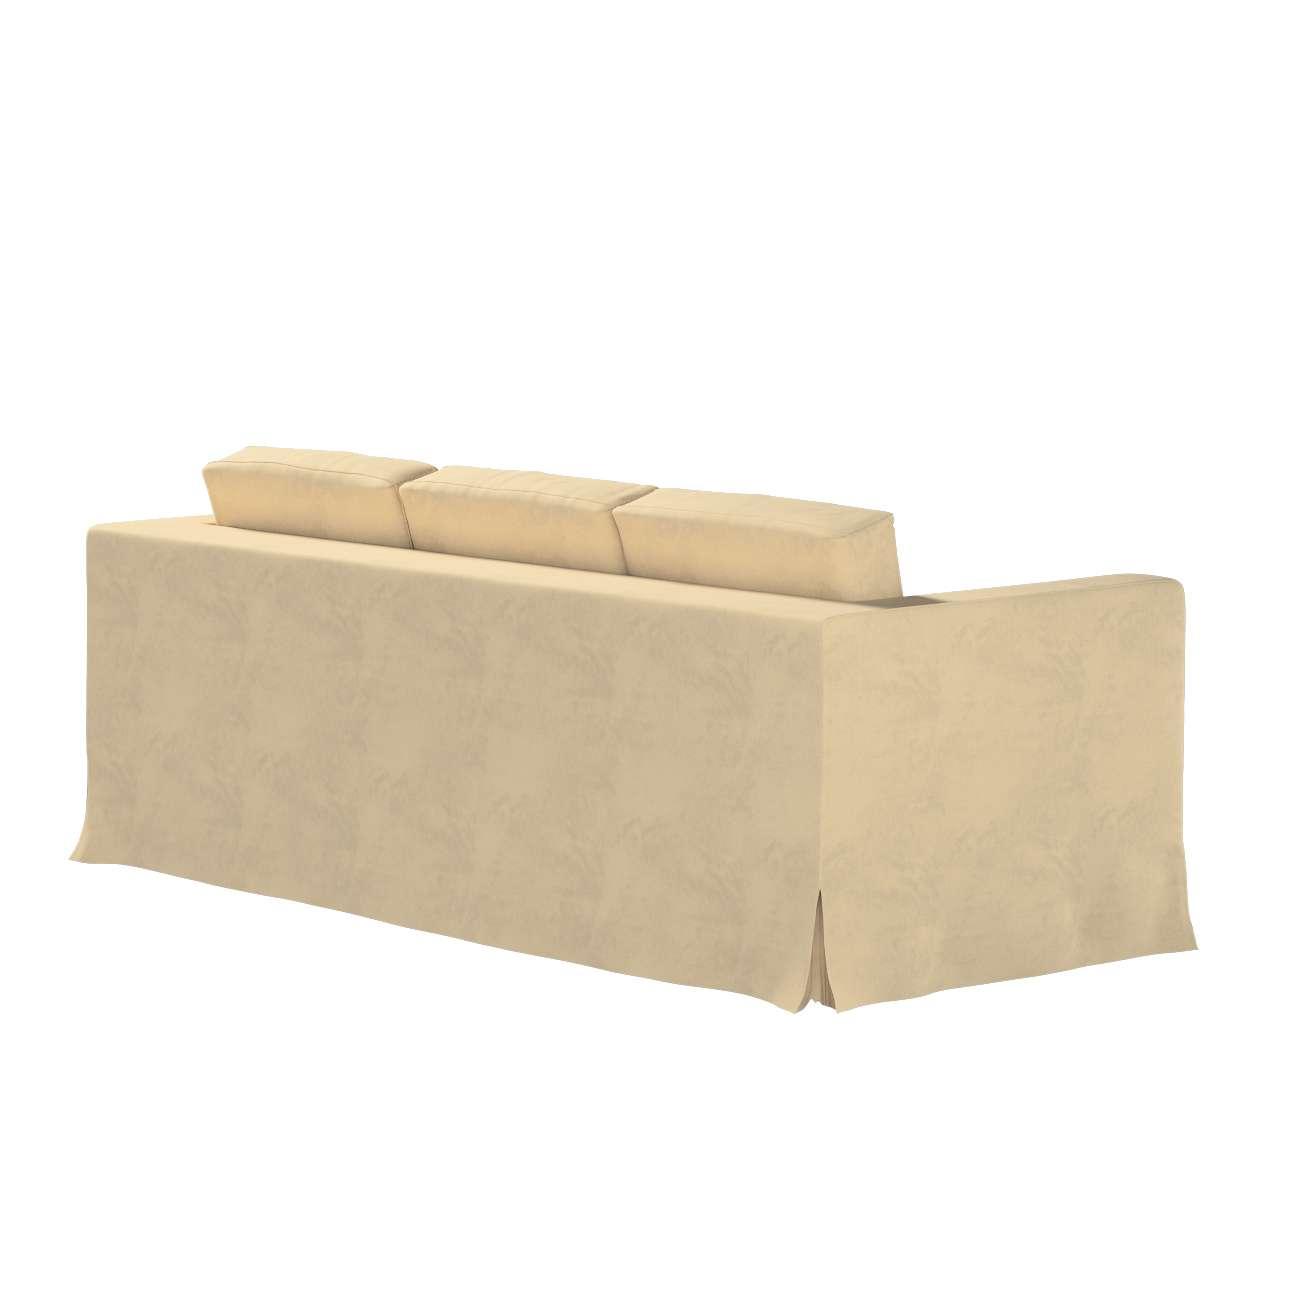 Bezug für Karlanda 3-Sitzer Sofa nicht ausklappbar, lang von der Kollektion Living II, Stoff: 160-82